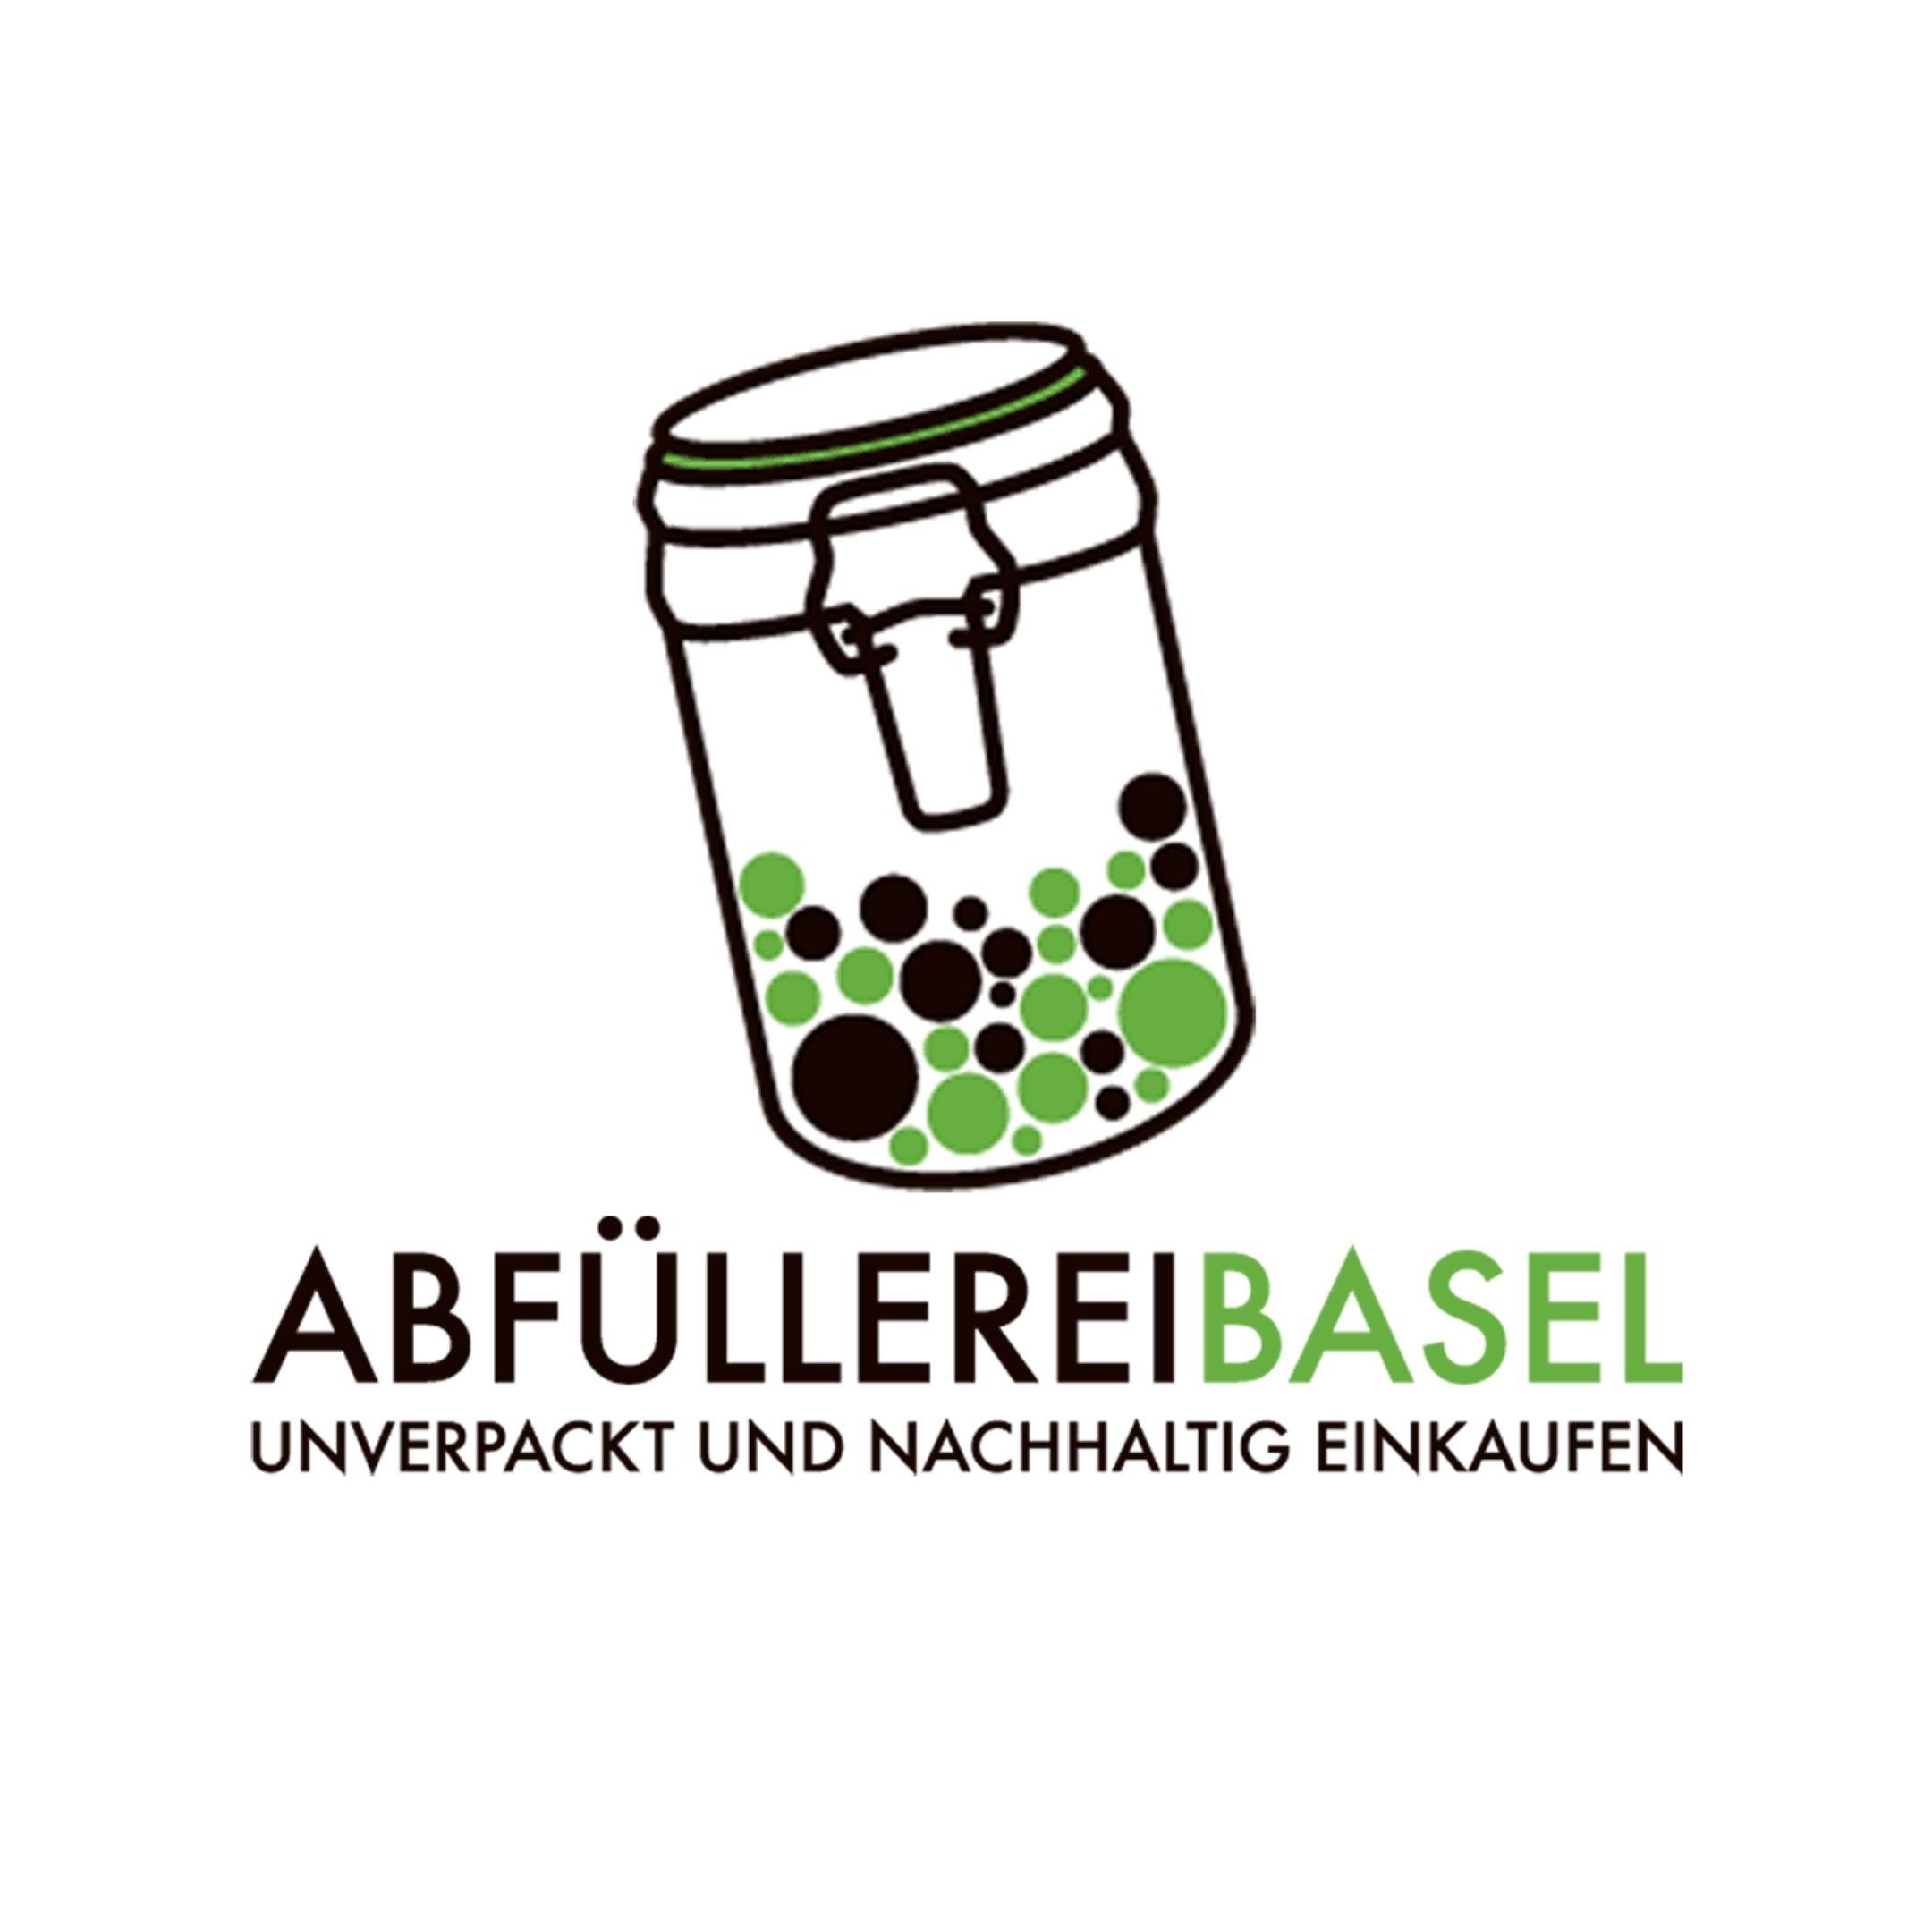 Abfüllerei Basel